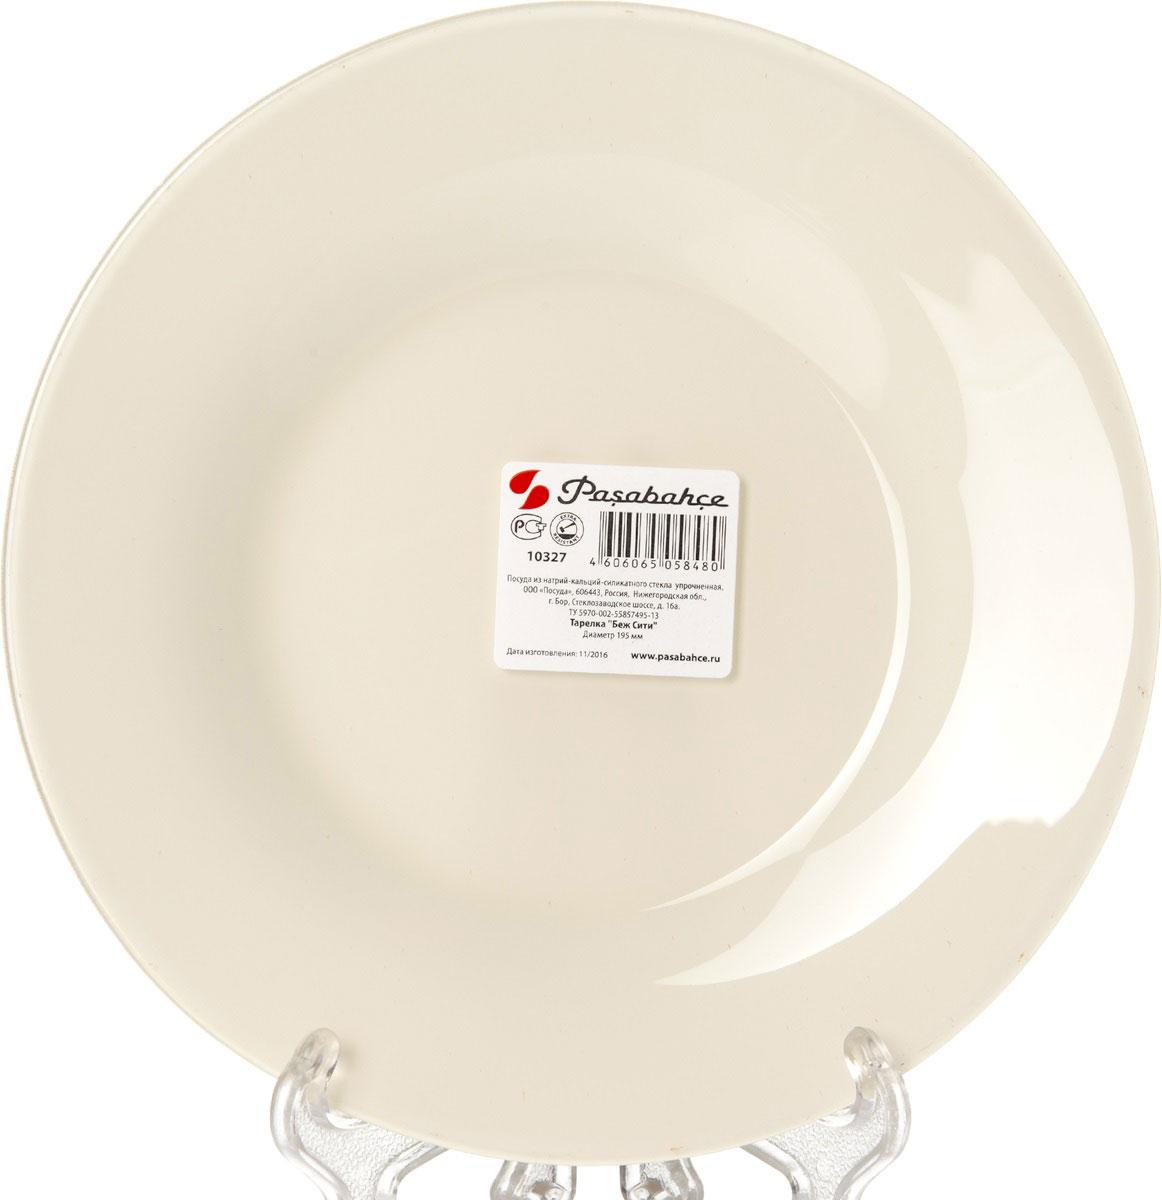 Тарелка Pasabahce Беж Сити, цвет: бежевый, диаметр 19,5 смJ1760Тарелка Pasabahce Беж Сити выполнена из качественногостекла. Тарелка прекрасно подойдет в качестве сервировочного блюда для фруктов, десертов, закусок, торта и другого.Изящная тарелка прекрасно оформит праздничный стол и порадует вас и ваших гостей изысканным дизайном и формой. Диаметр тарелки: 19,5 см.